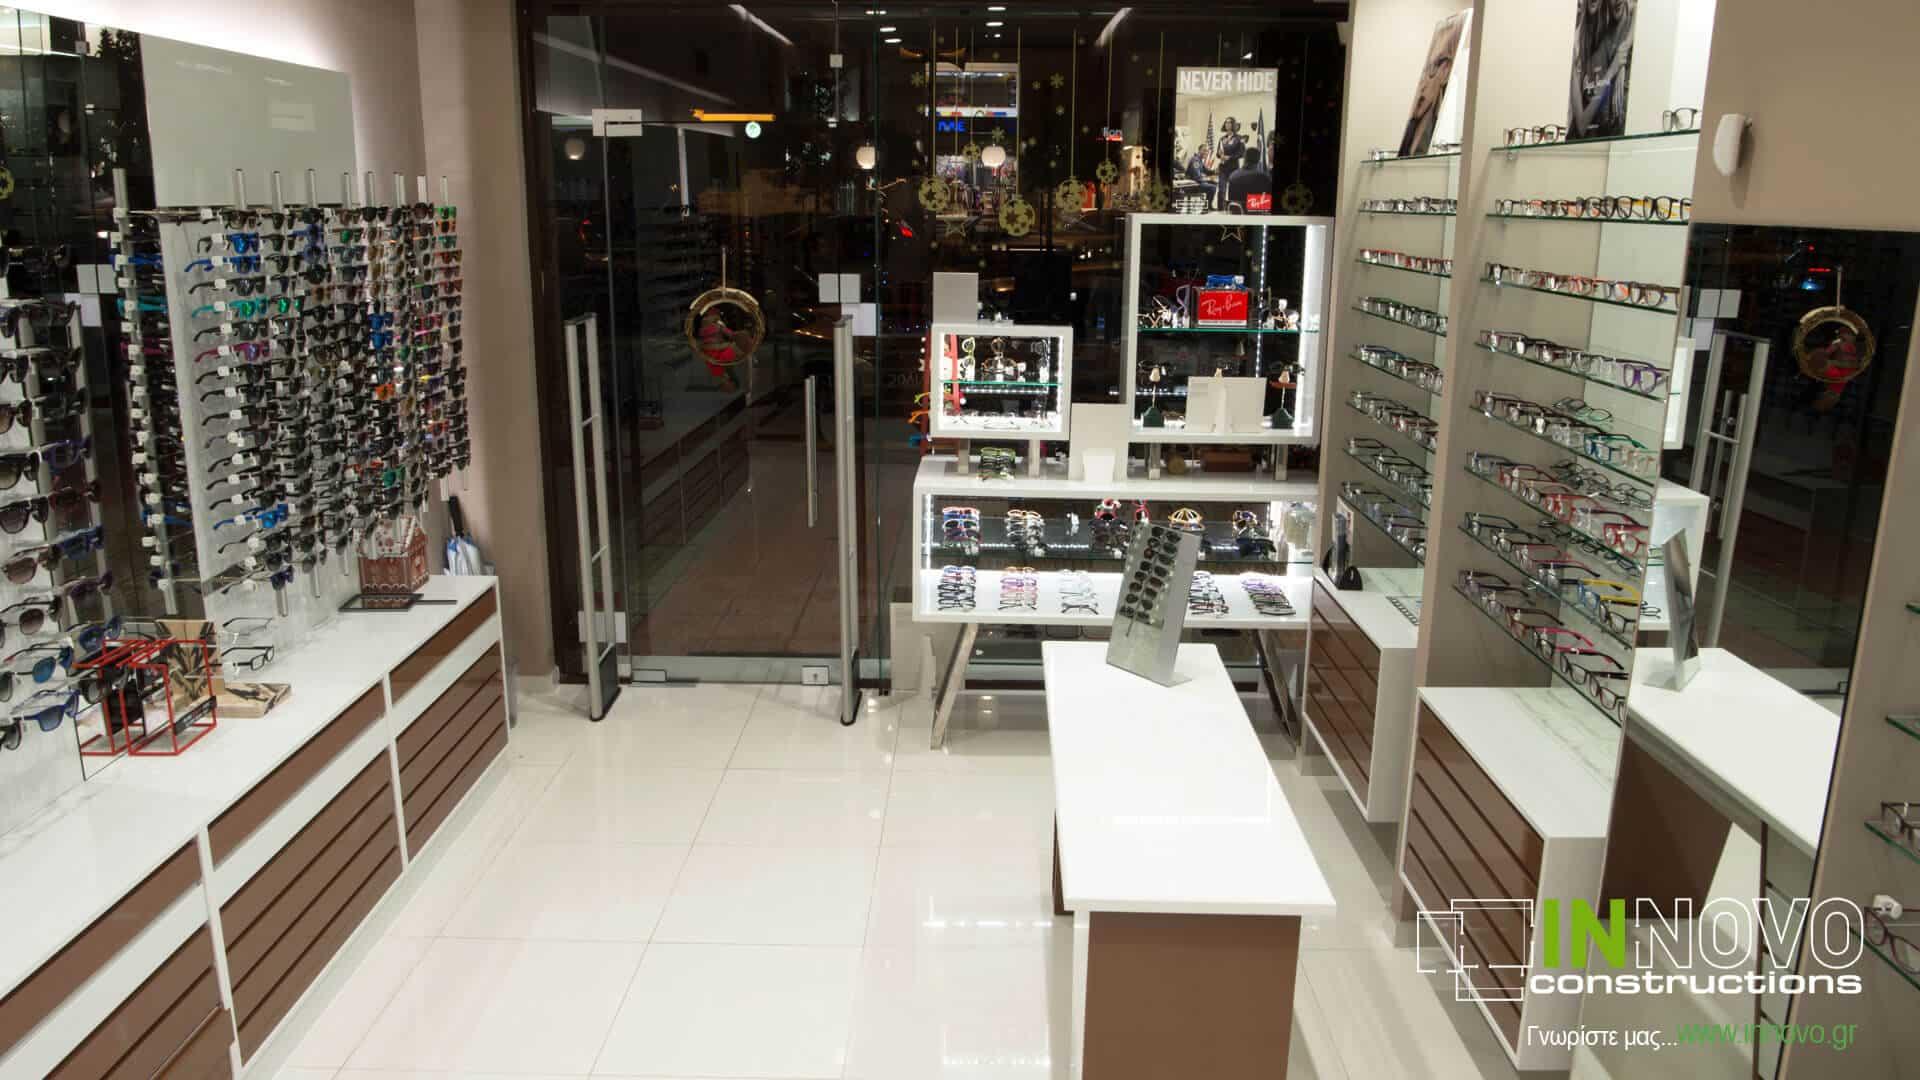 Μελέτη κατασκευής καταστήματος οπτικών στο Γαλάτσι από την Innovo